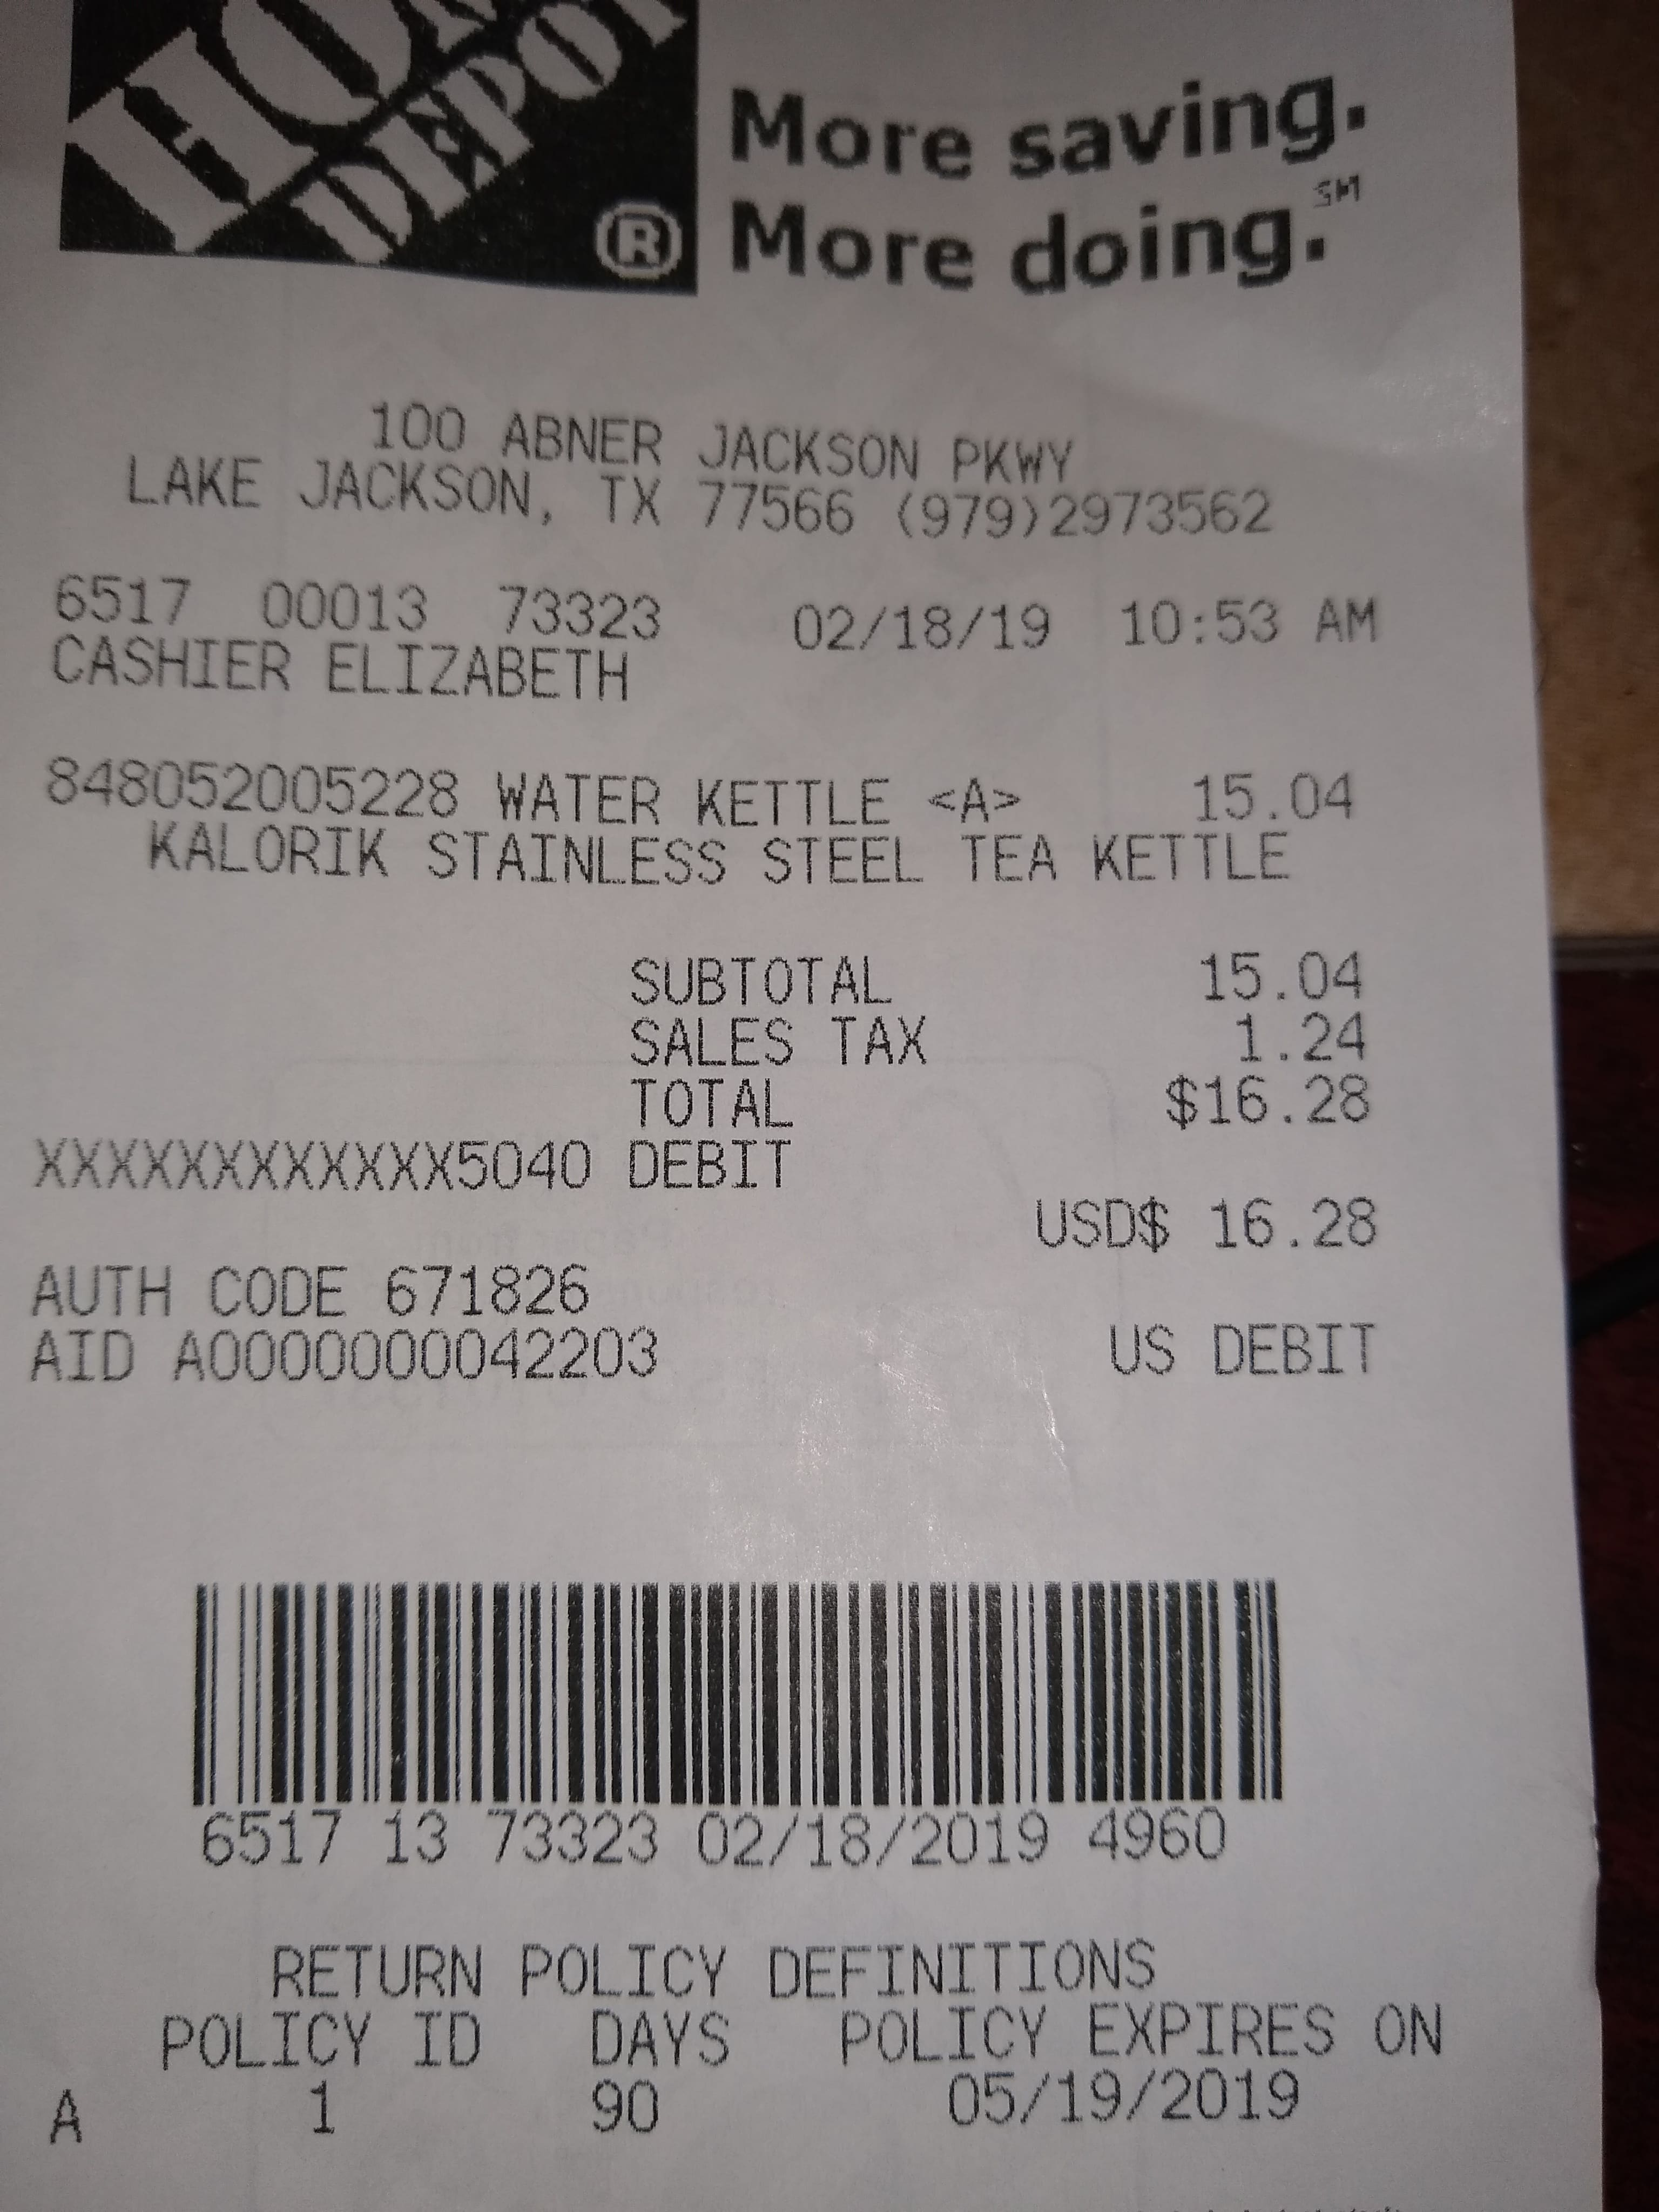 (Home Depot B&M YMMV) KALORIK JK-45020-SS 1.7l Electric Kettle $15.04